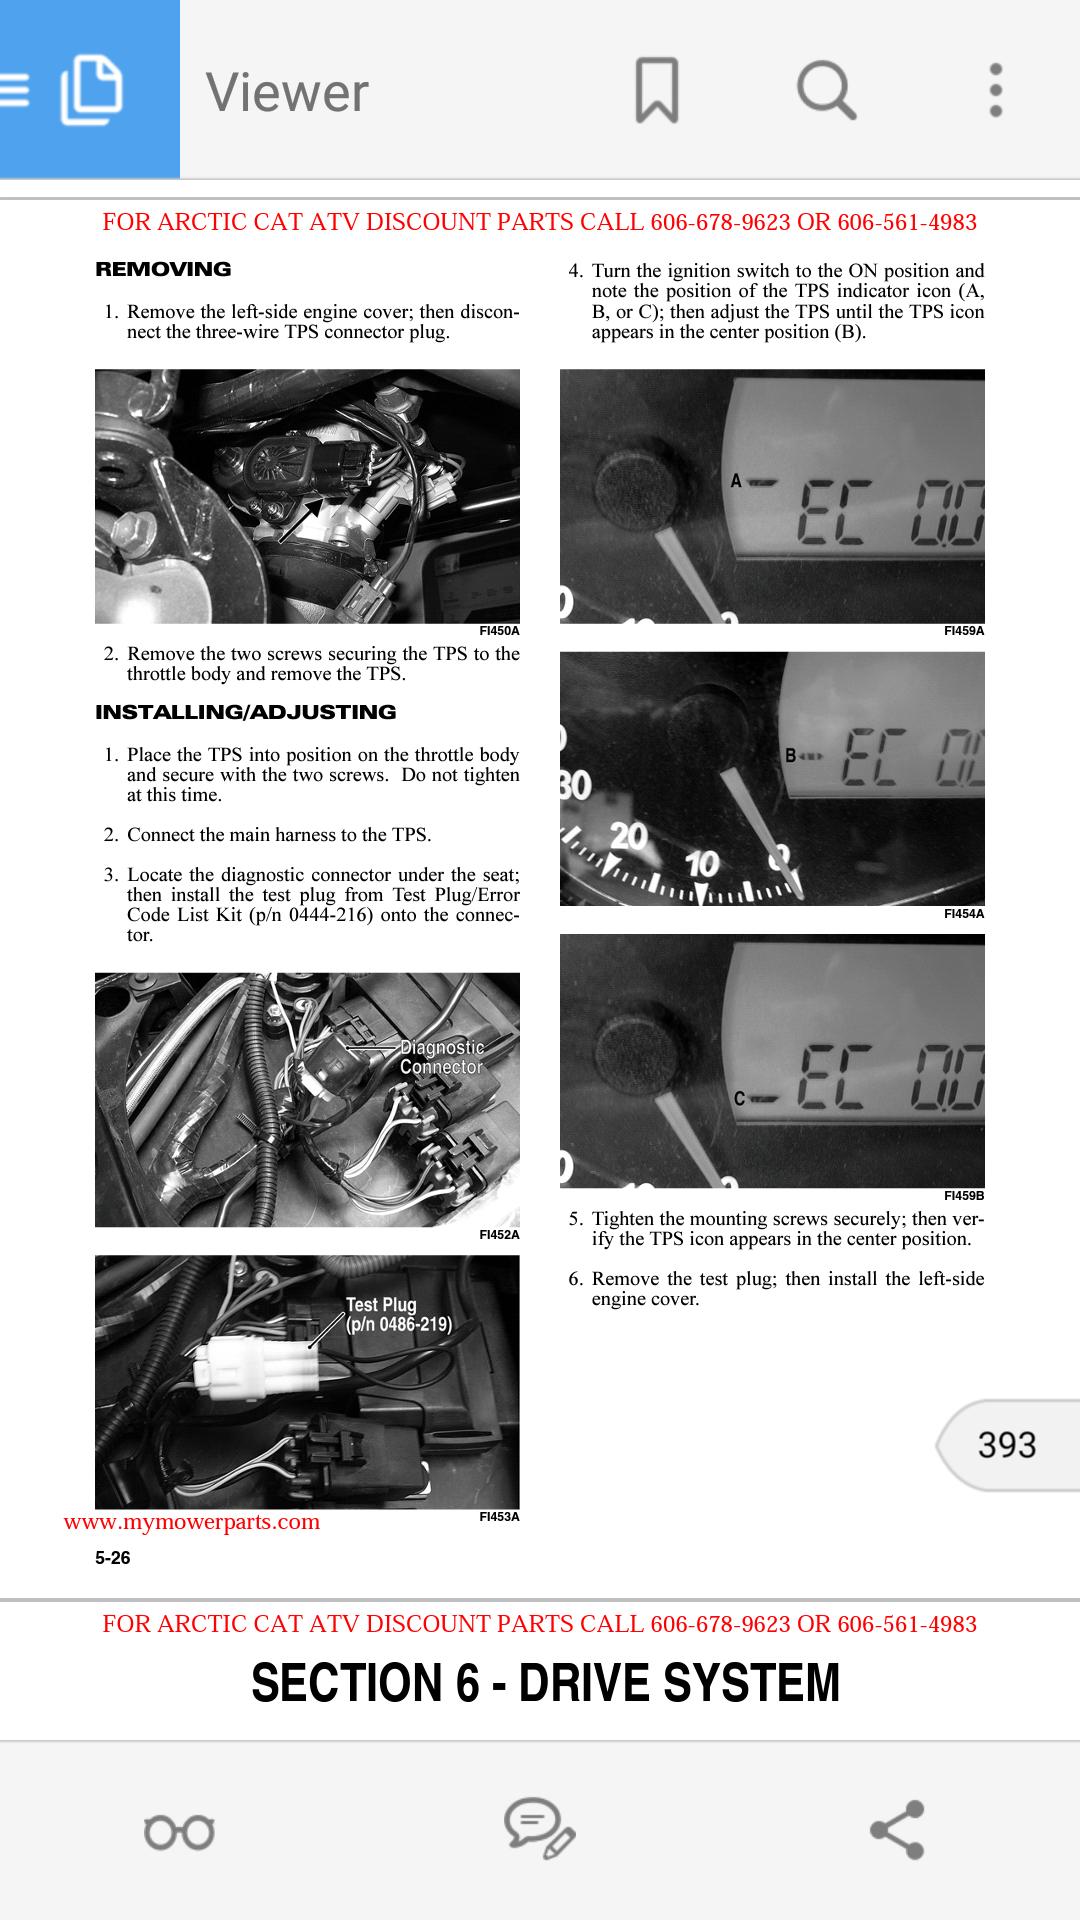 06 arctic cat 700 efi tps reset arcticchat com arctic cat forum click image for larger version screenshot 2015 08 28 21 40